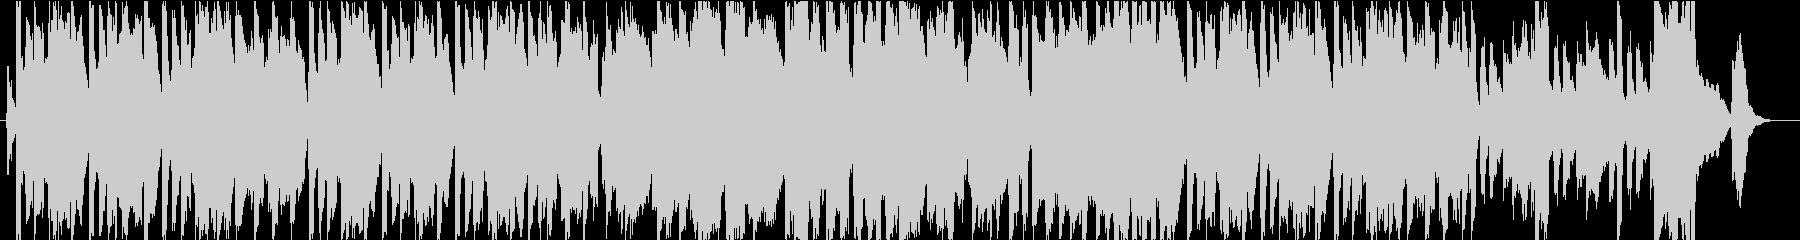 ハーモニカとハミングの爽やかなBGMの未再生の波形